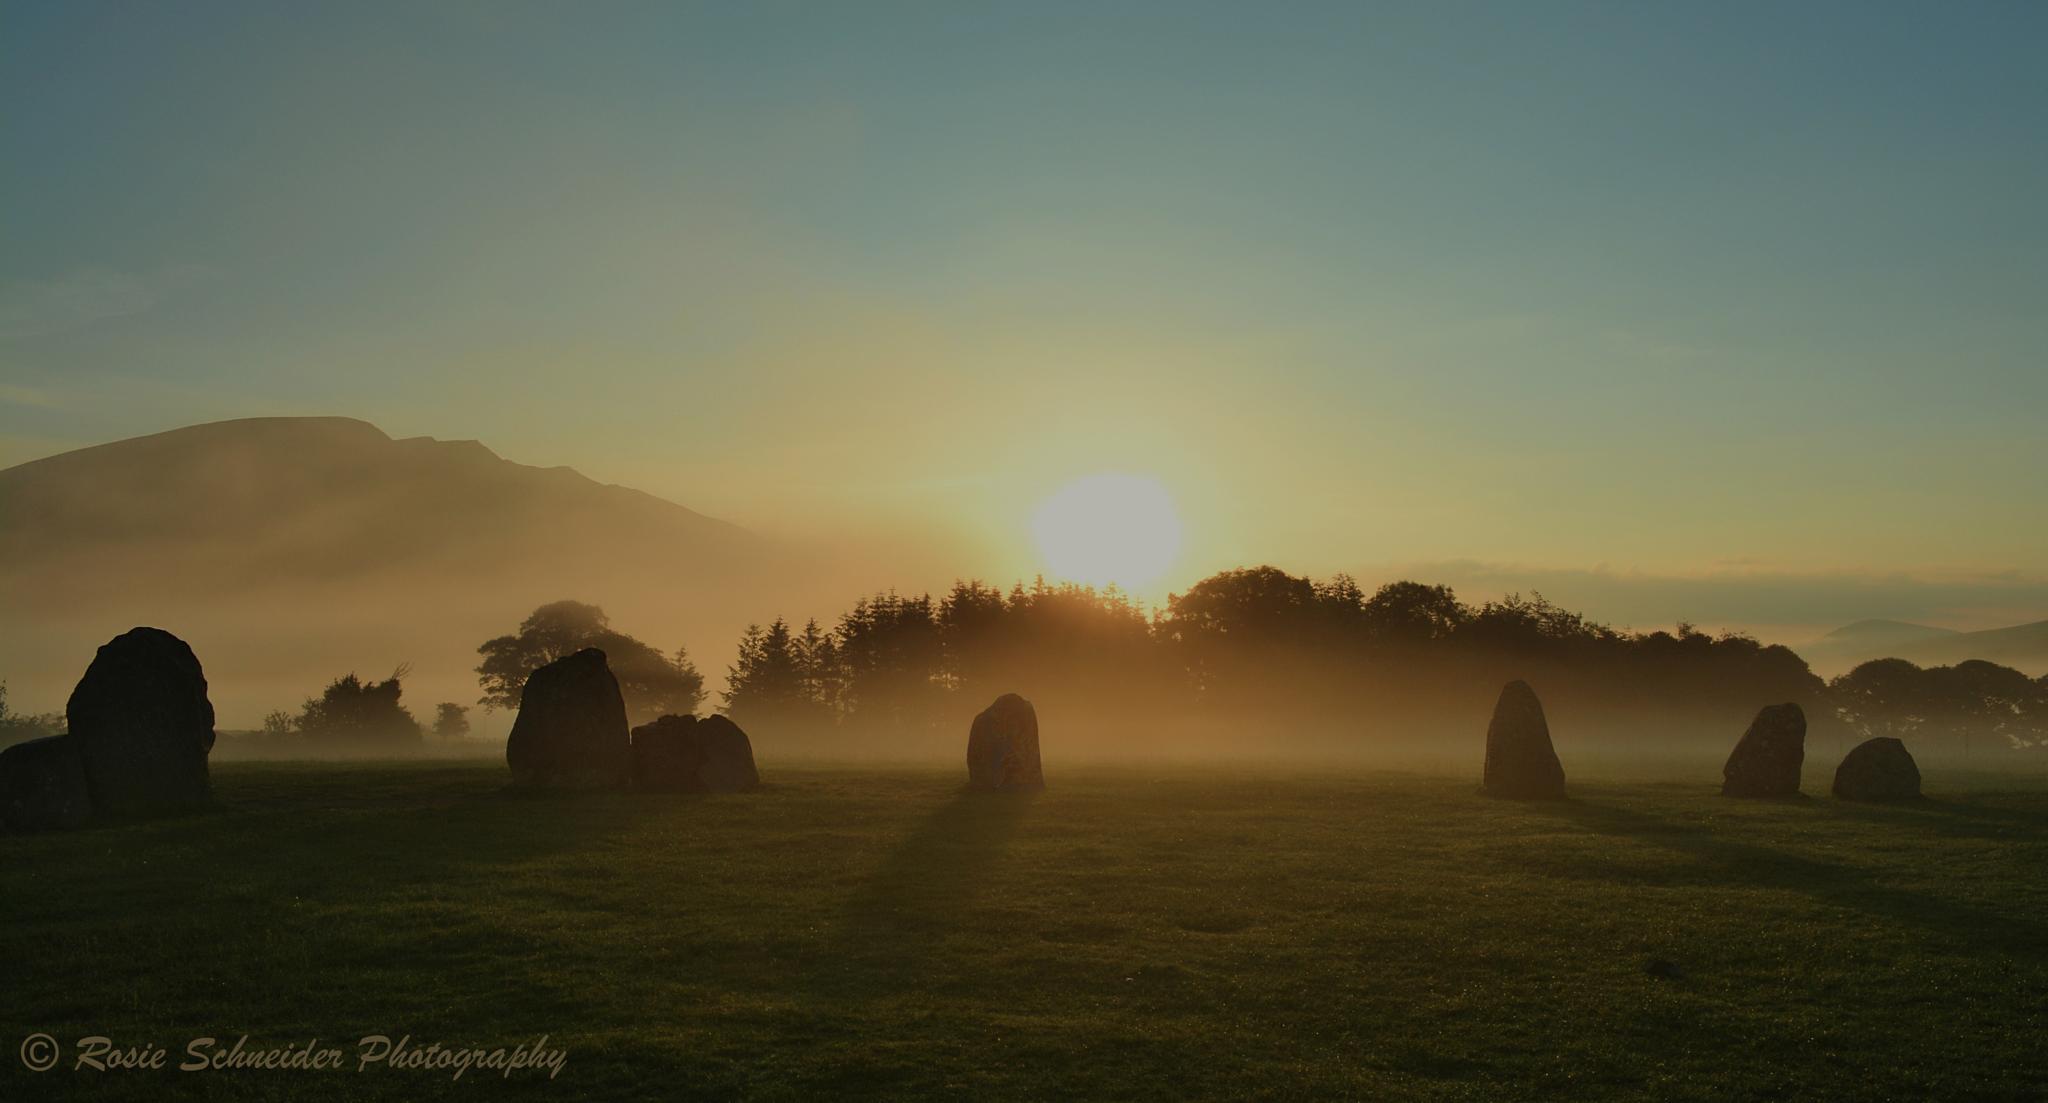 Midsummer Dawn by Rosie Schneider